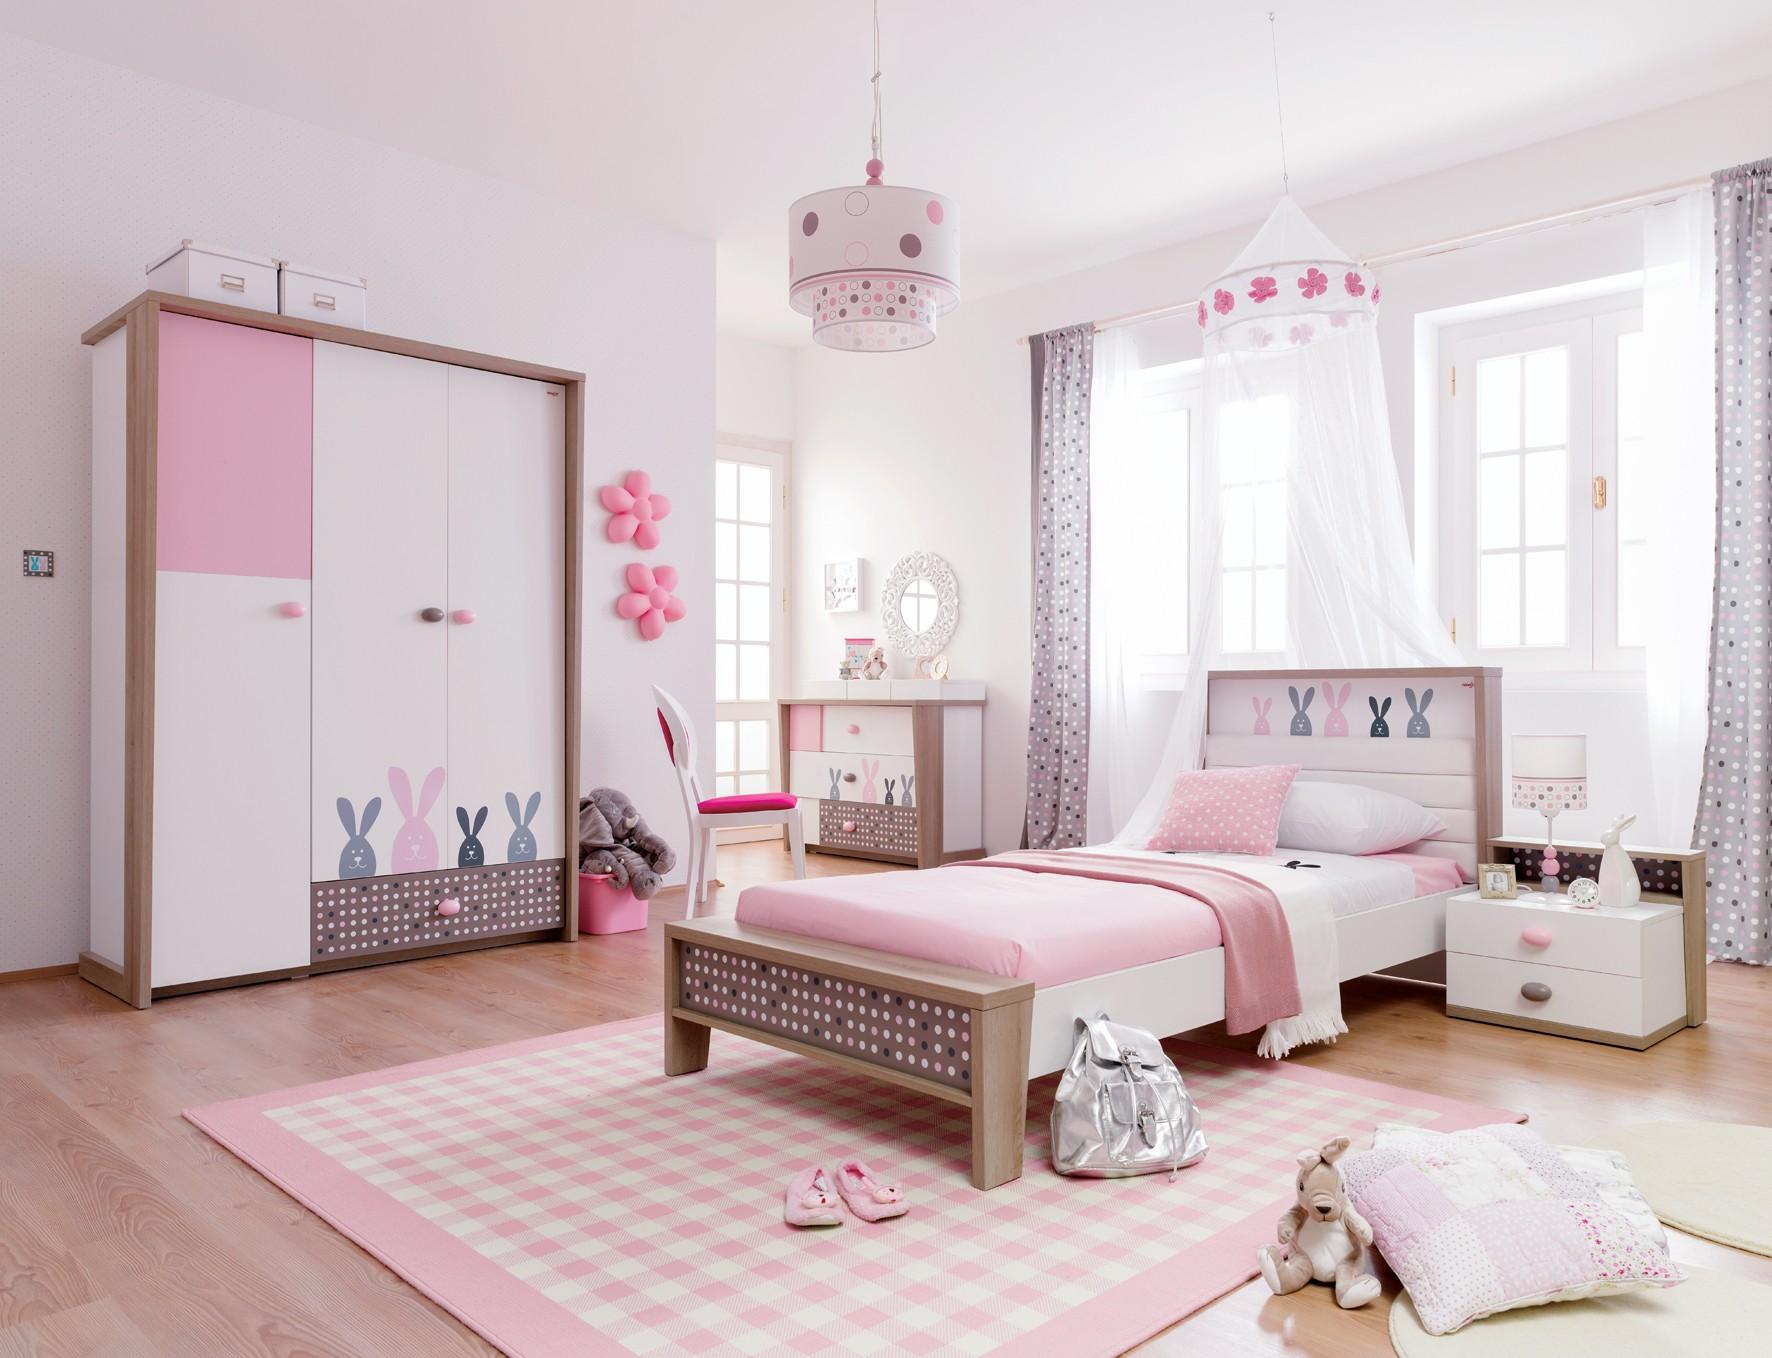 Дизайн штор для детской комнаты серых в горошек